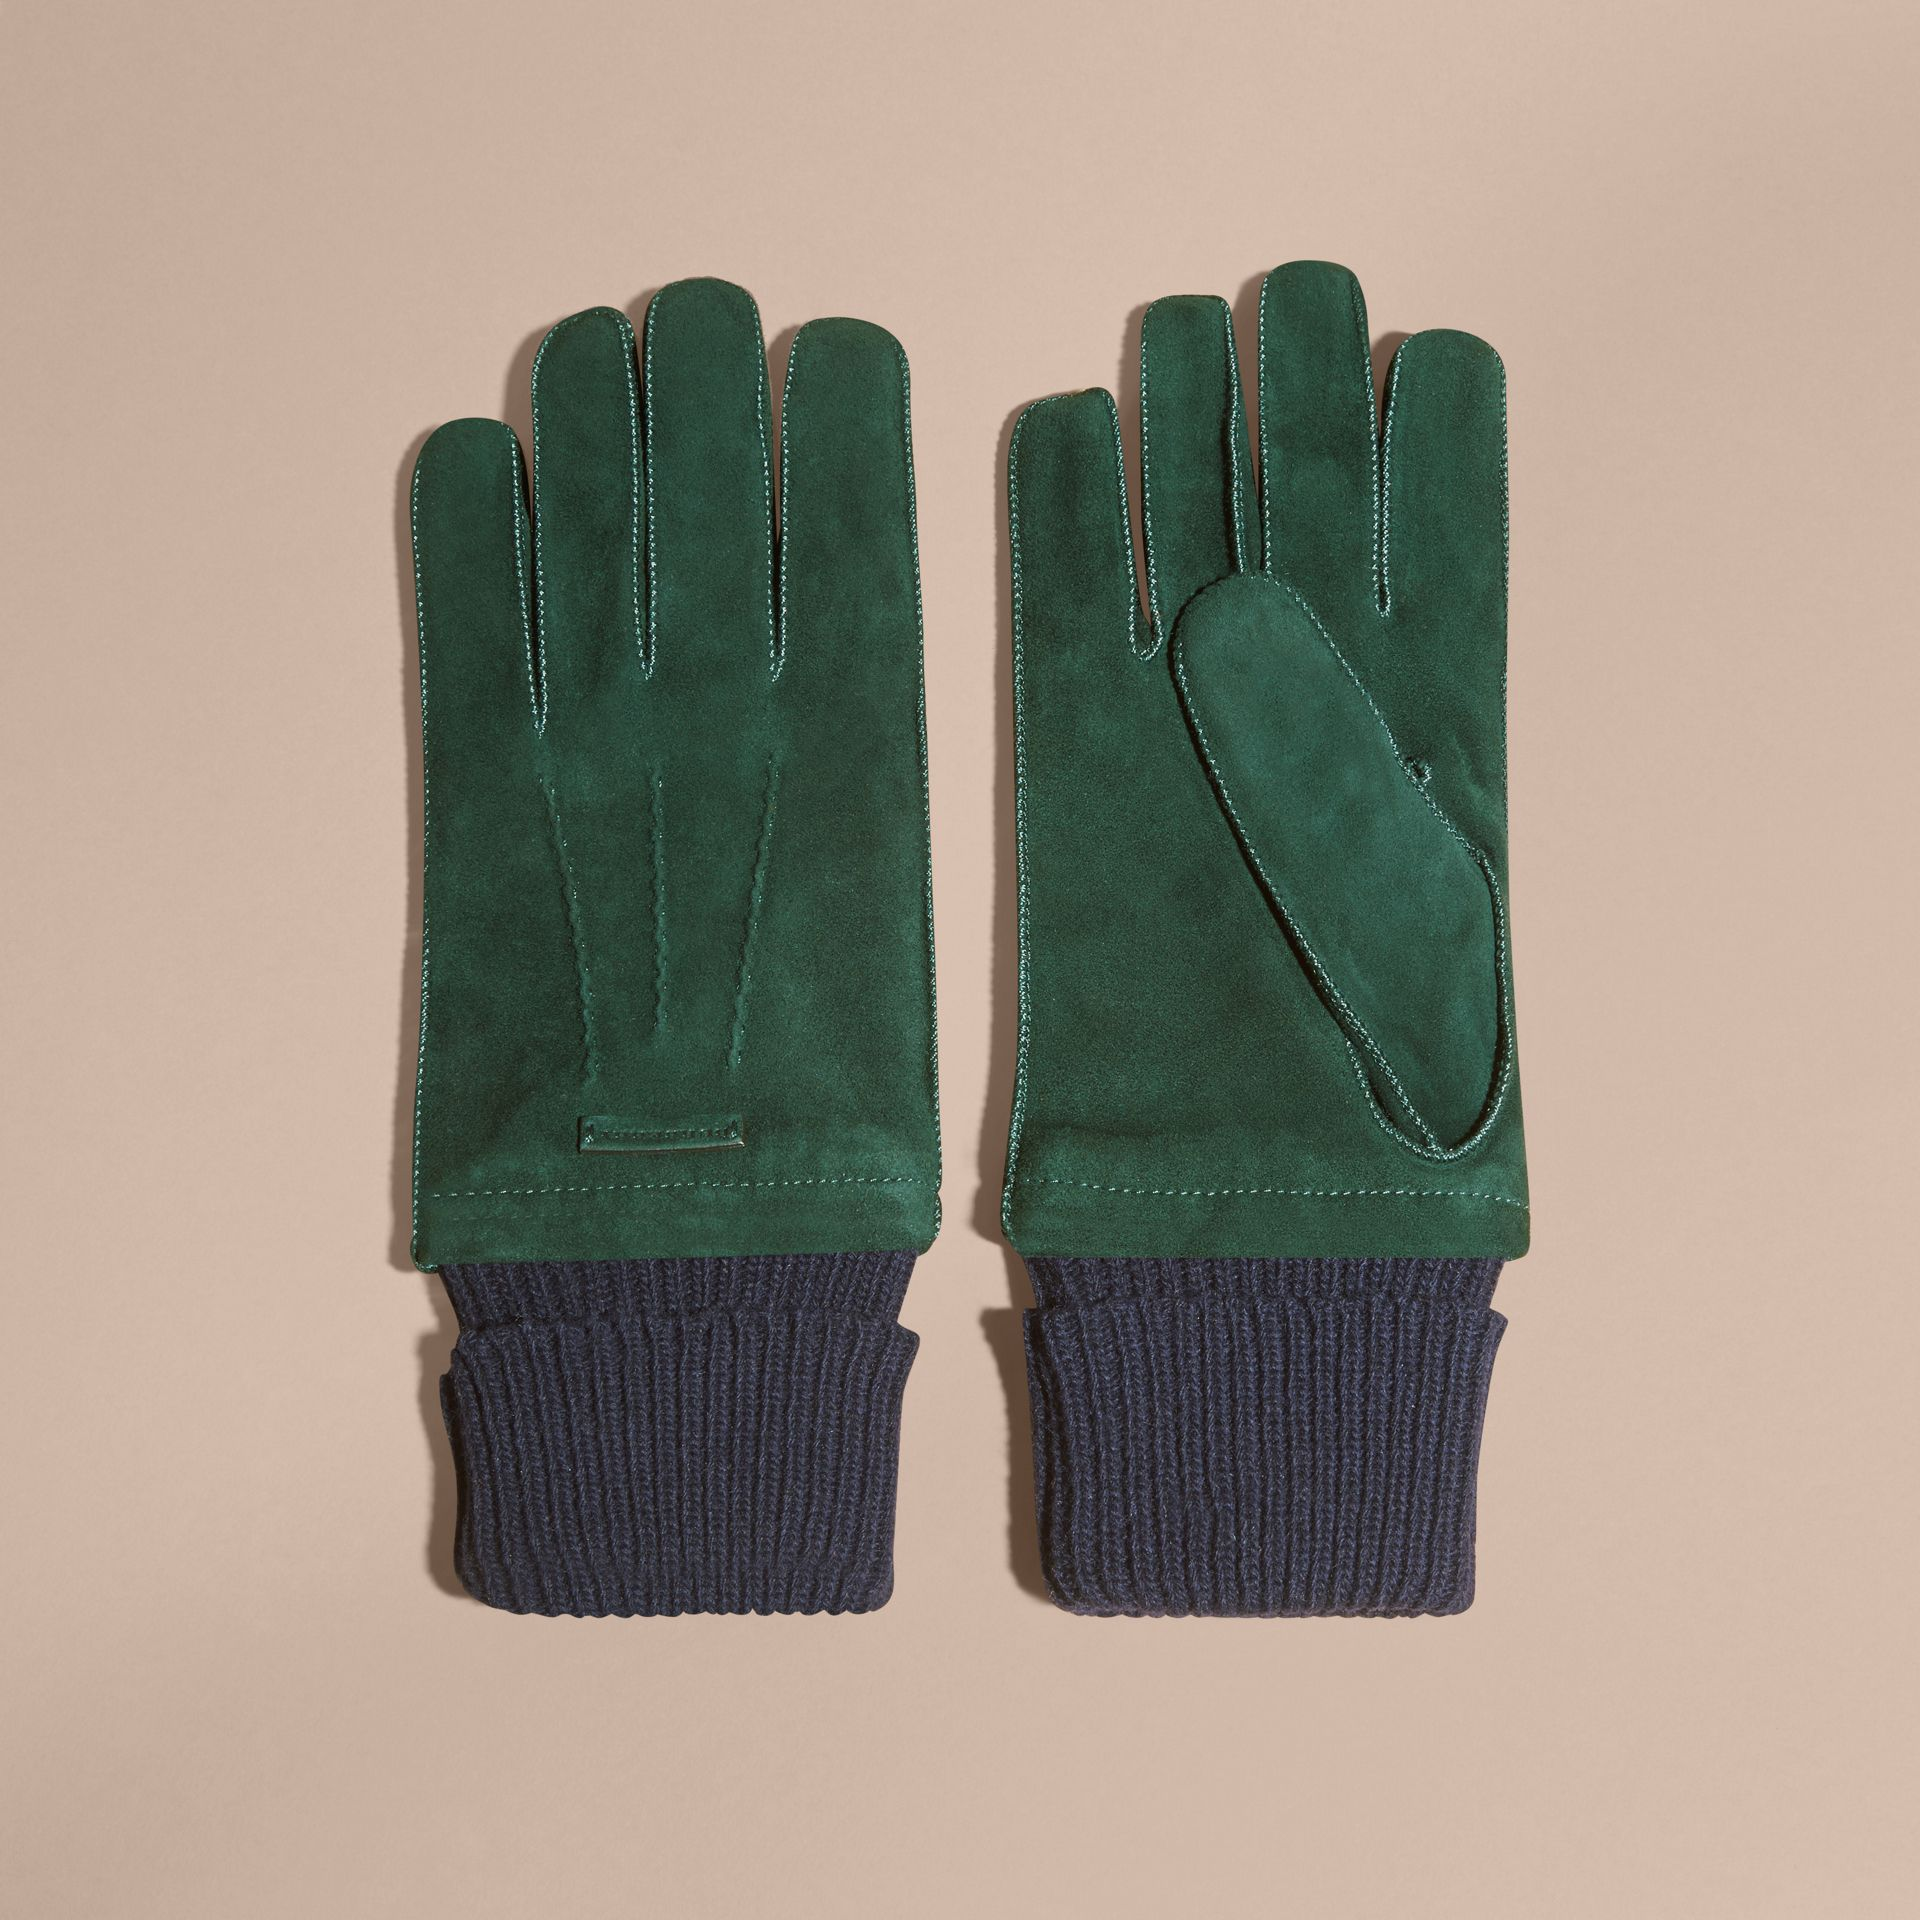 Vert cèdre sombre Gants en cuir velours avec bordure côtelée en laine et cachemire Vert Cèdre Sombre - photo de la galerie 3